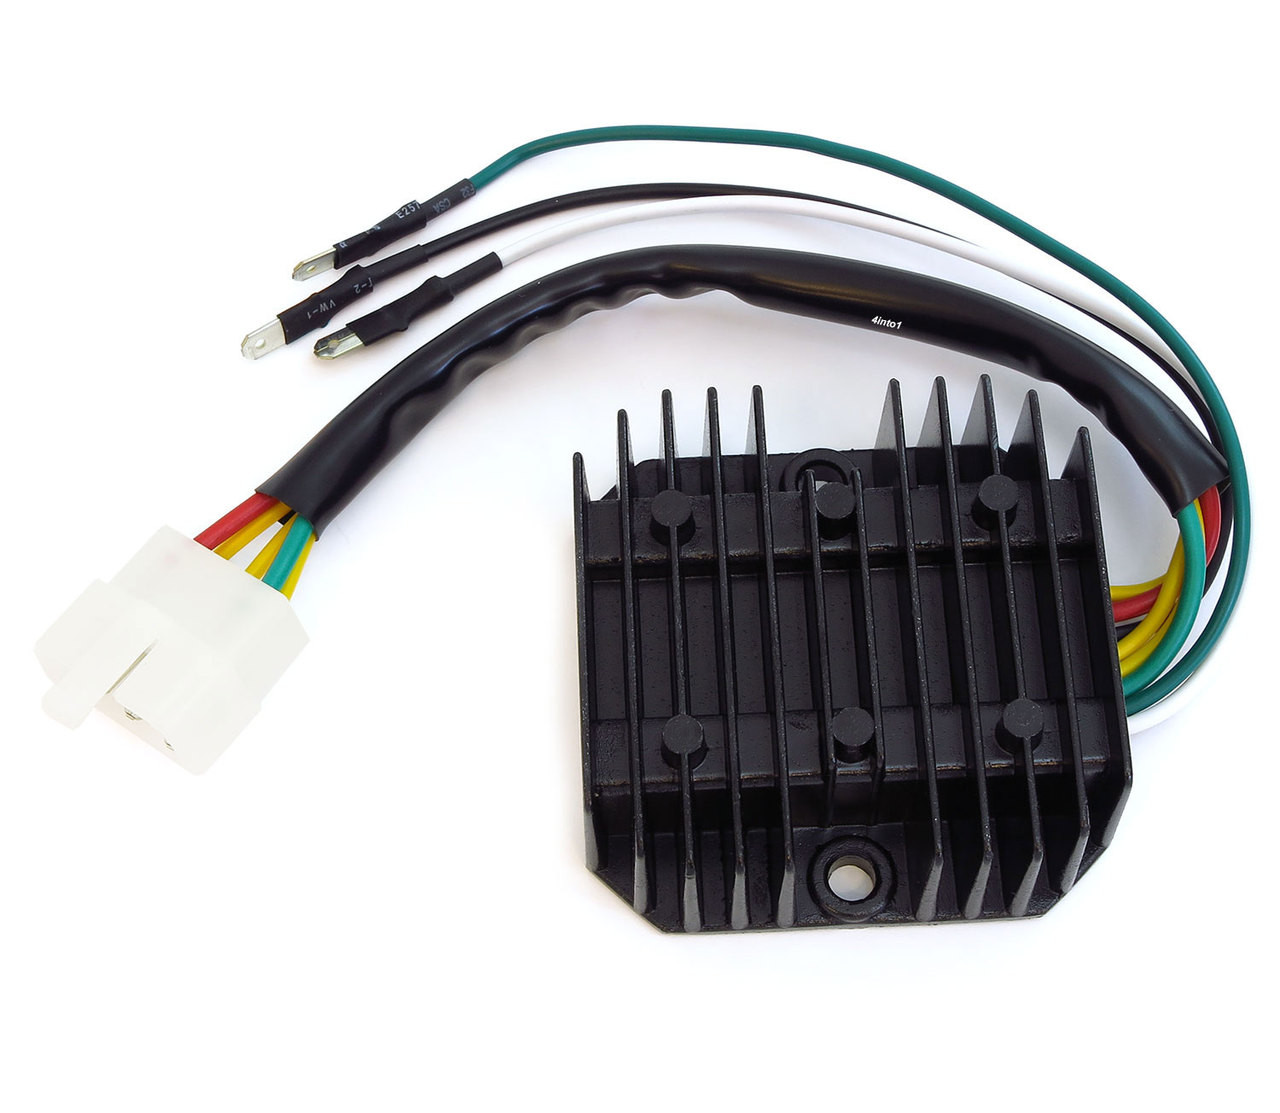 medium resolution of regulator rectifier honda cb350f cb400f cb500 cb550 cb750cb750 regulator rectifier wiring diagram 11